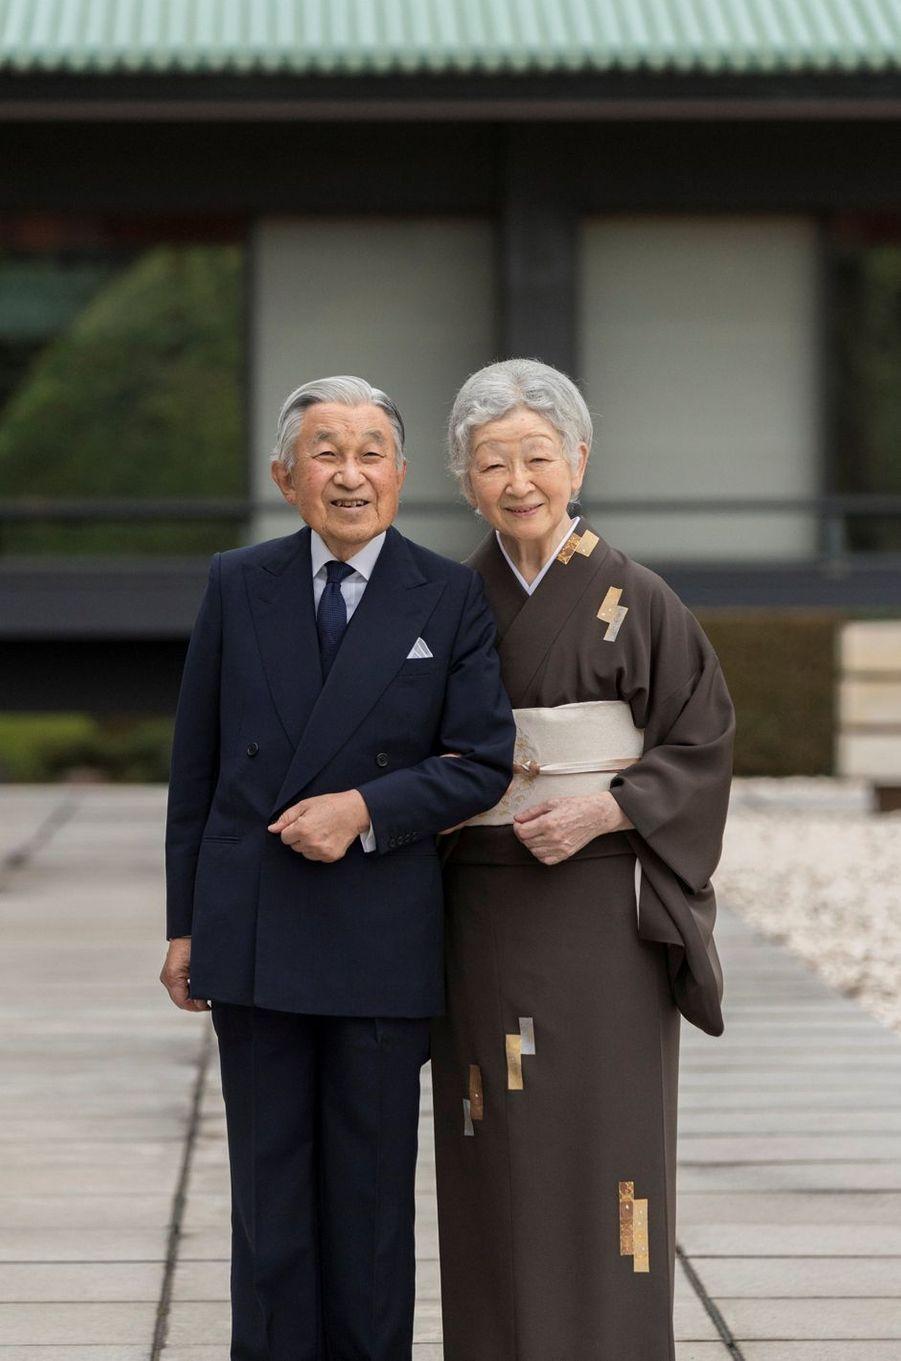 L'impératrice Michiko du Japon avec l'empereur Akihito au Palais impérial à Tokyo, le 12 octobre 2018